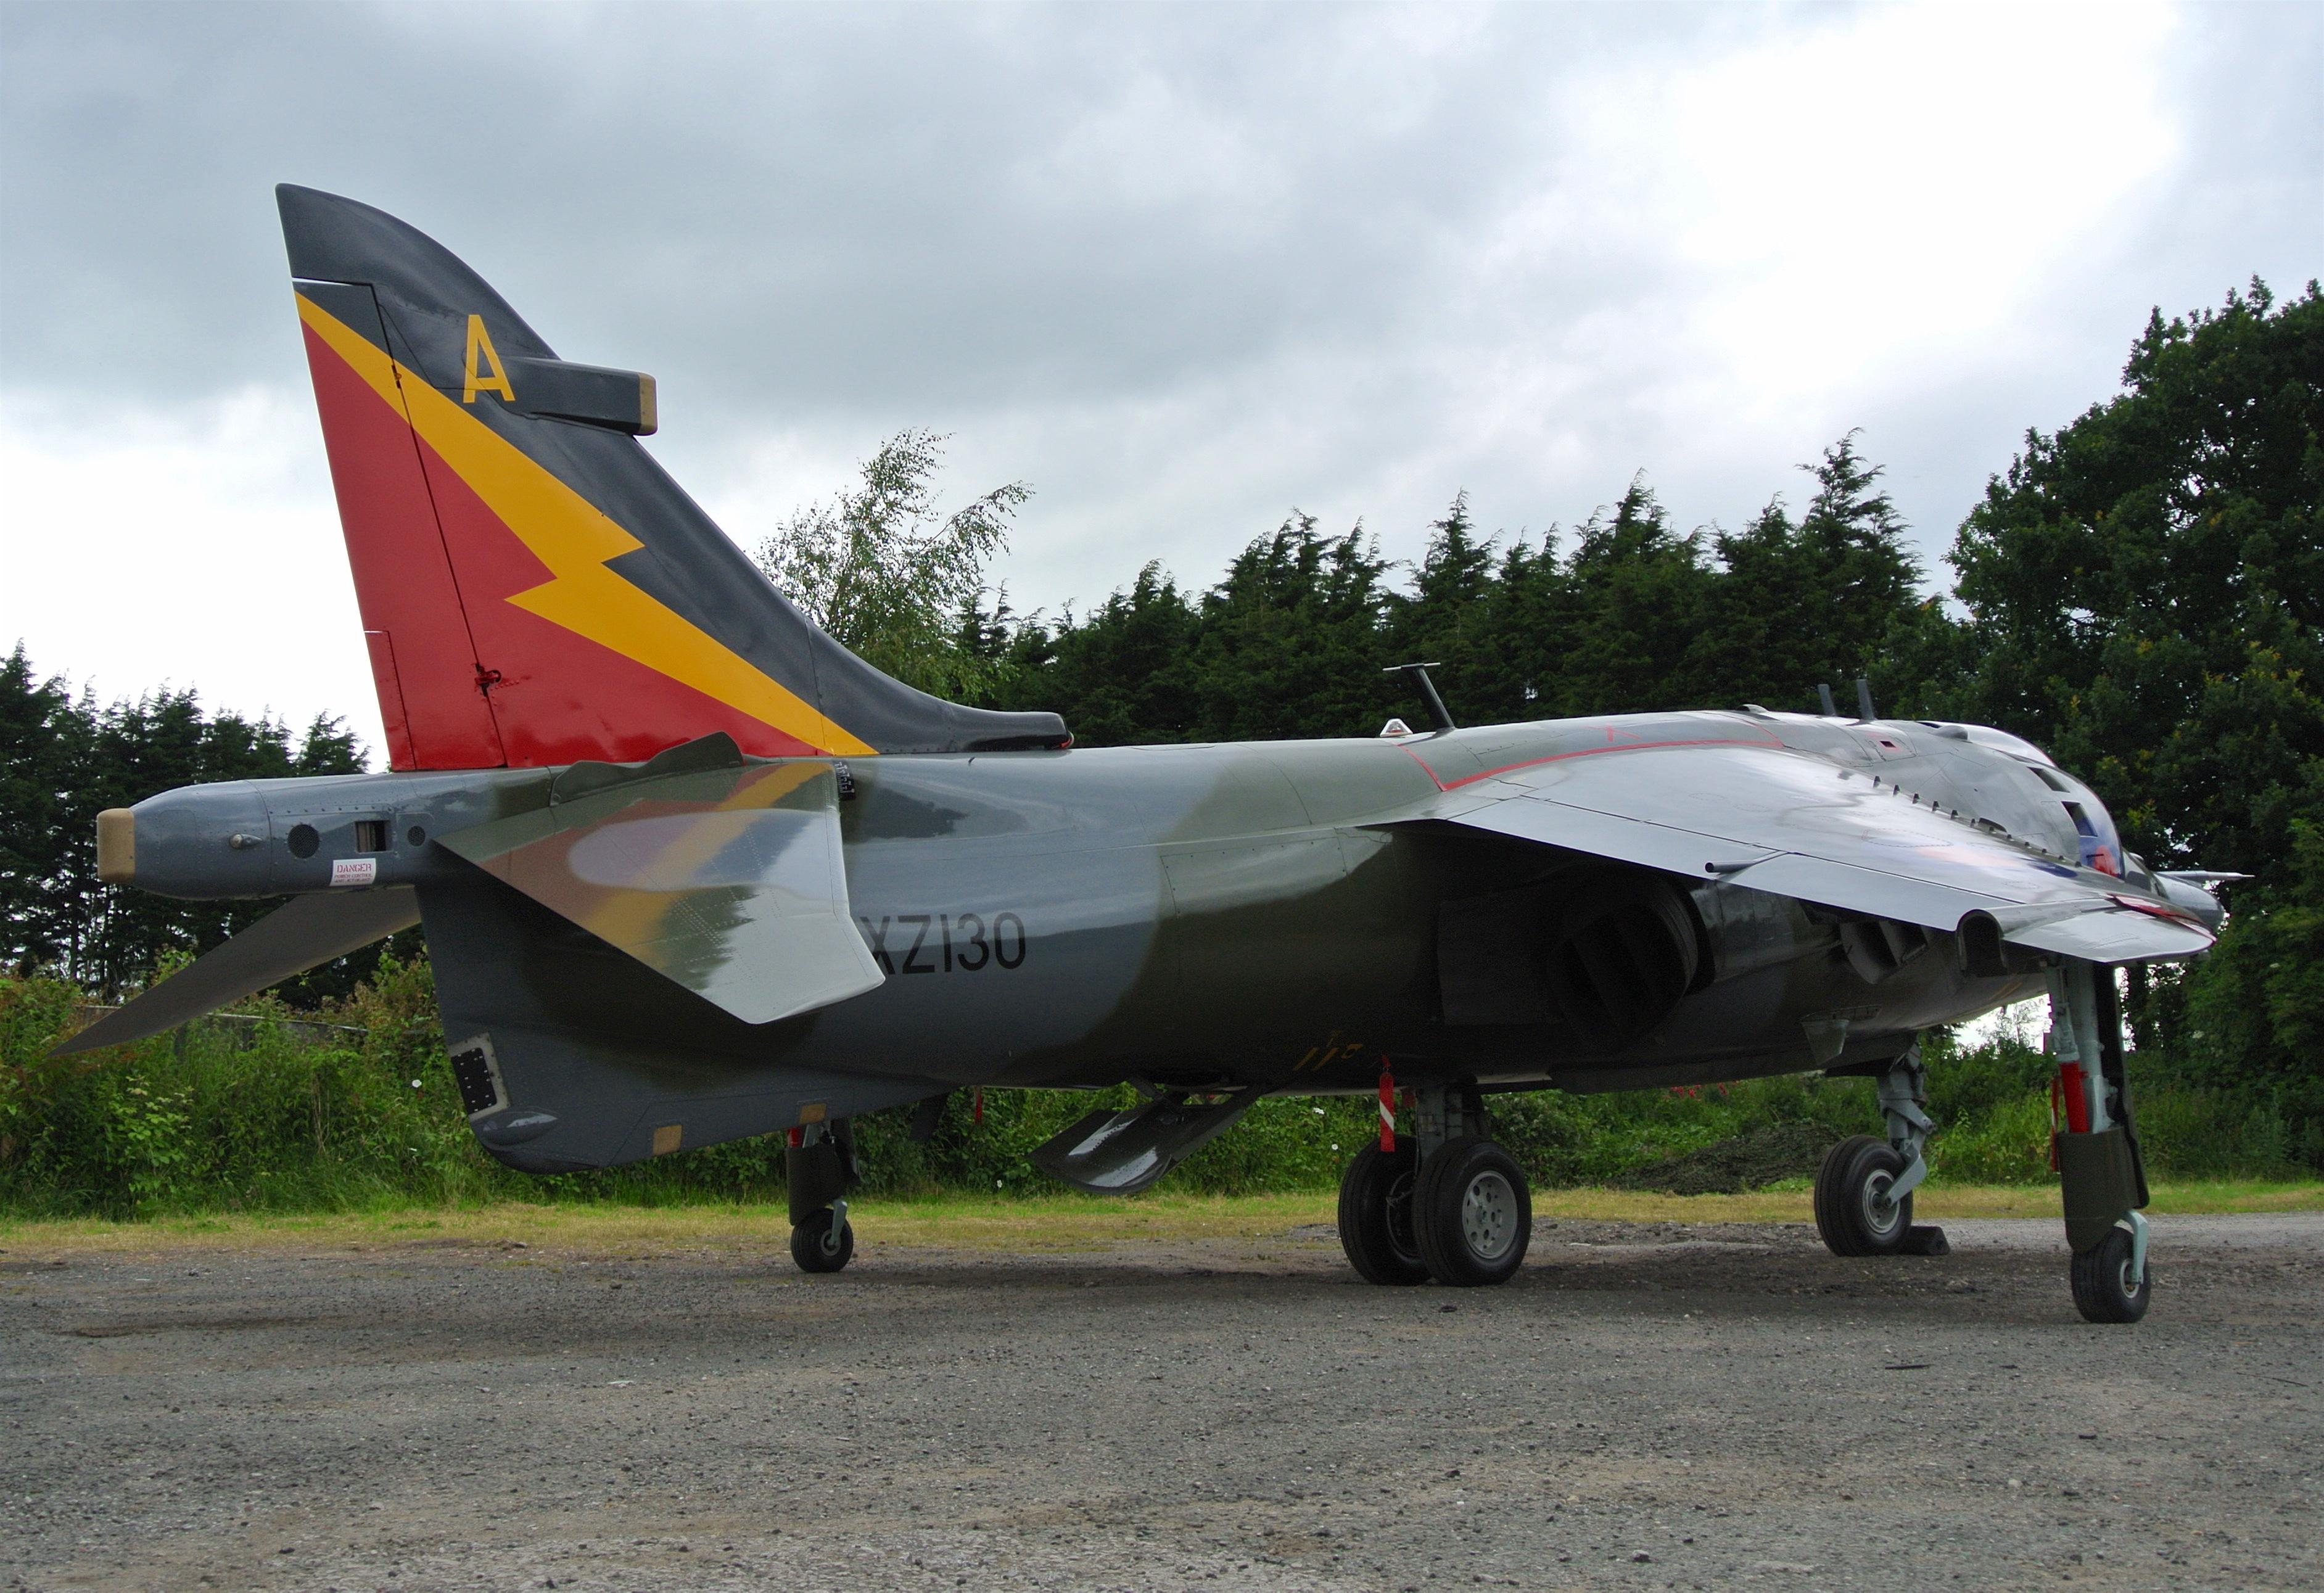 Harrier GR3 XZ130 (2)